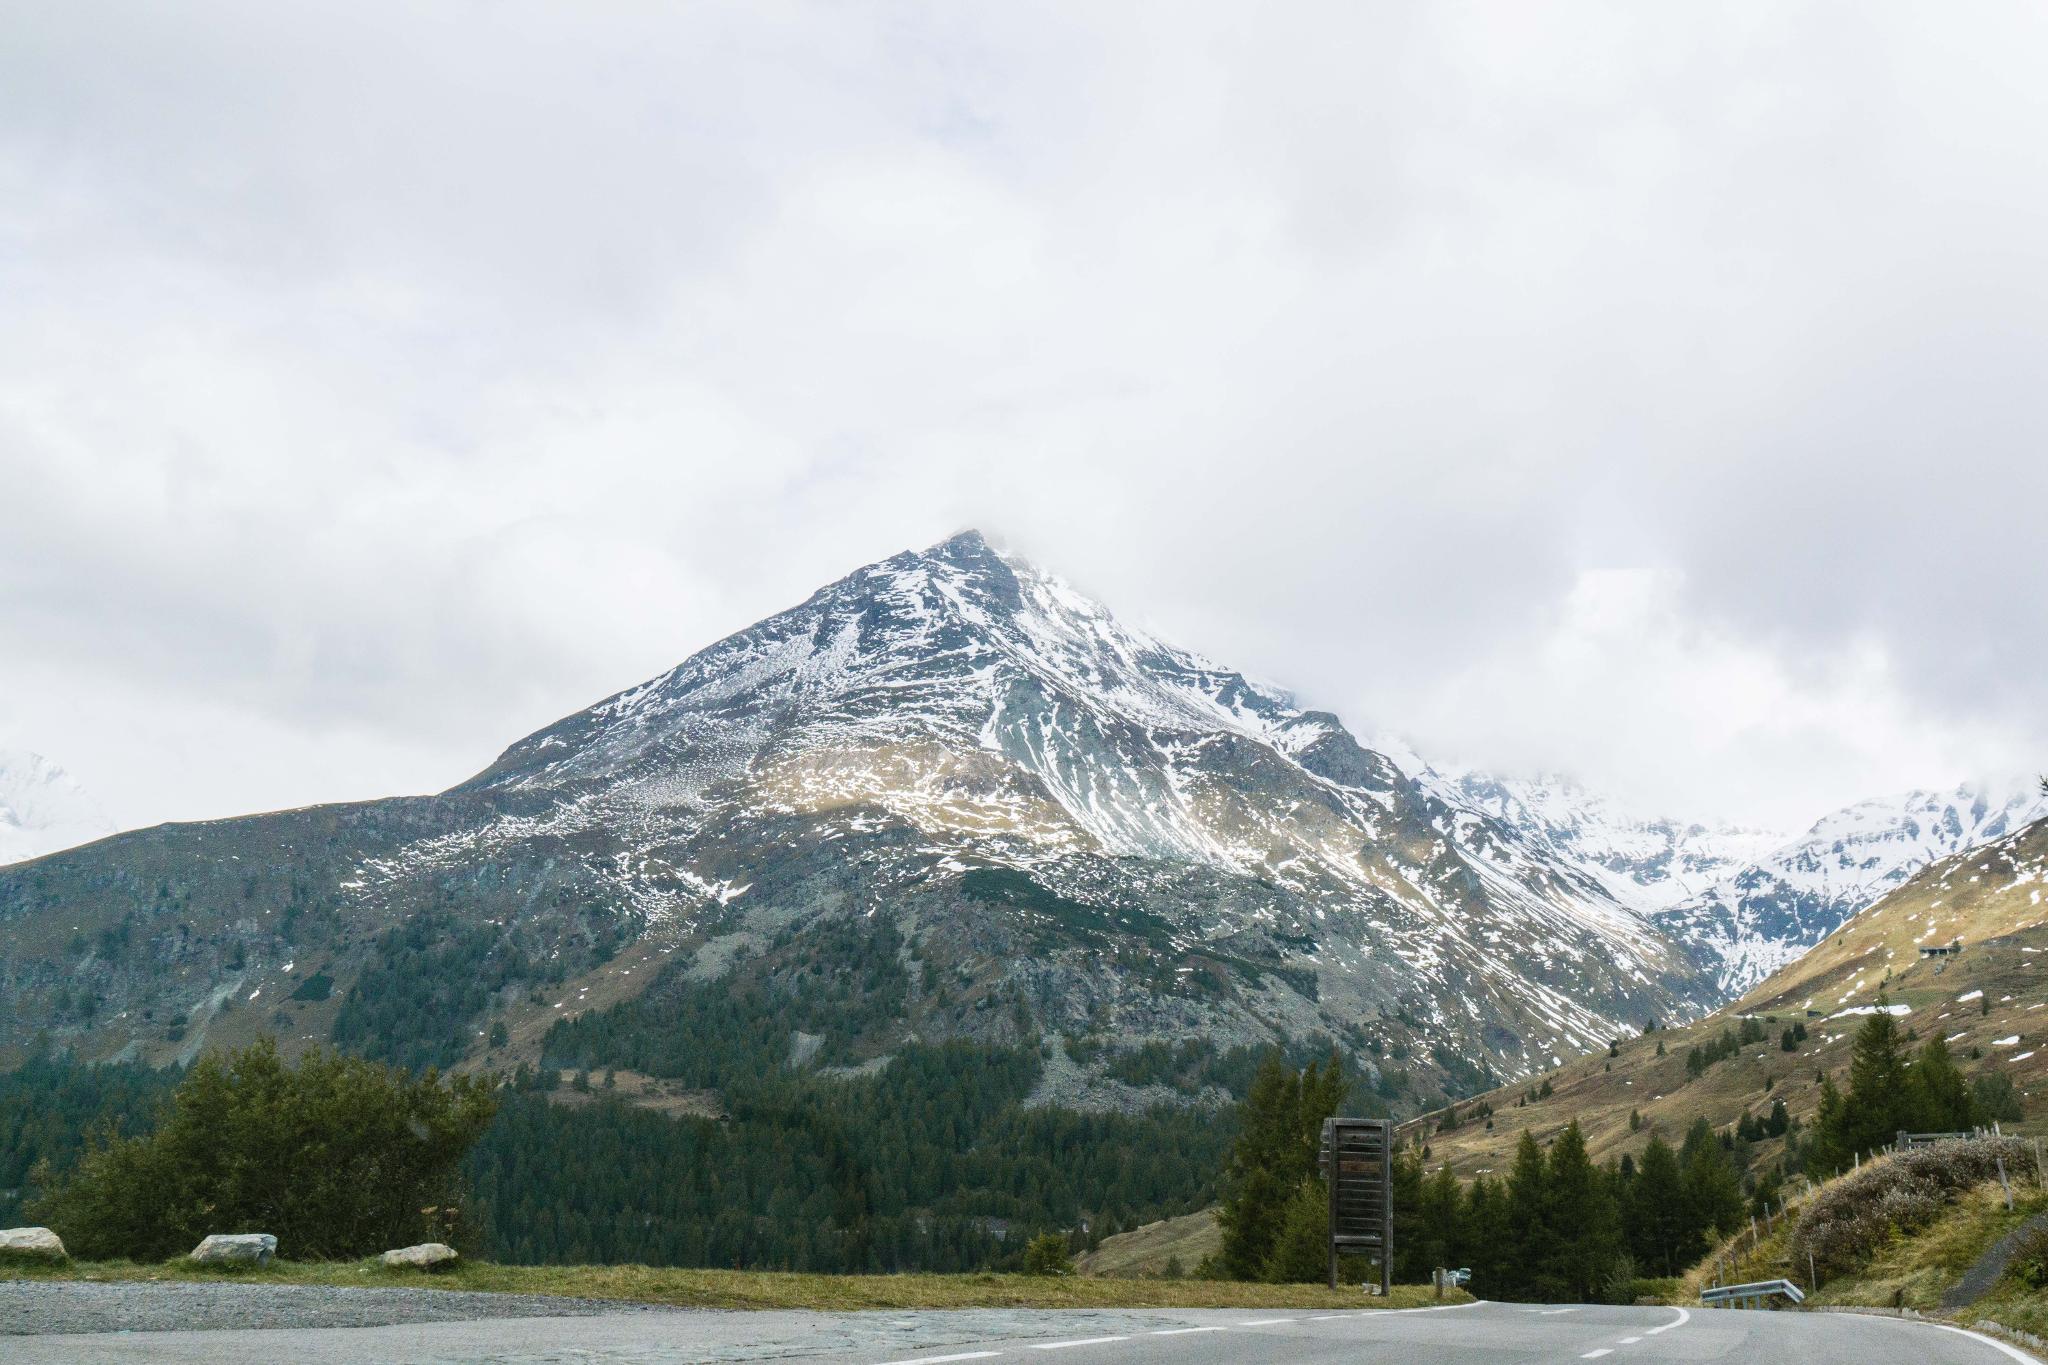 【奧地利】穿越阿爾卑斯之巔 — 奧地利大鐘山冰河公路 (Grossglockner High Alpine Road) 15